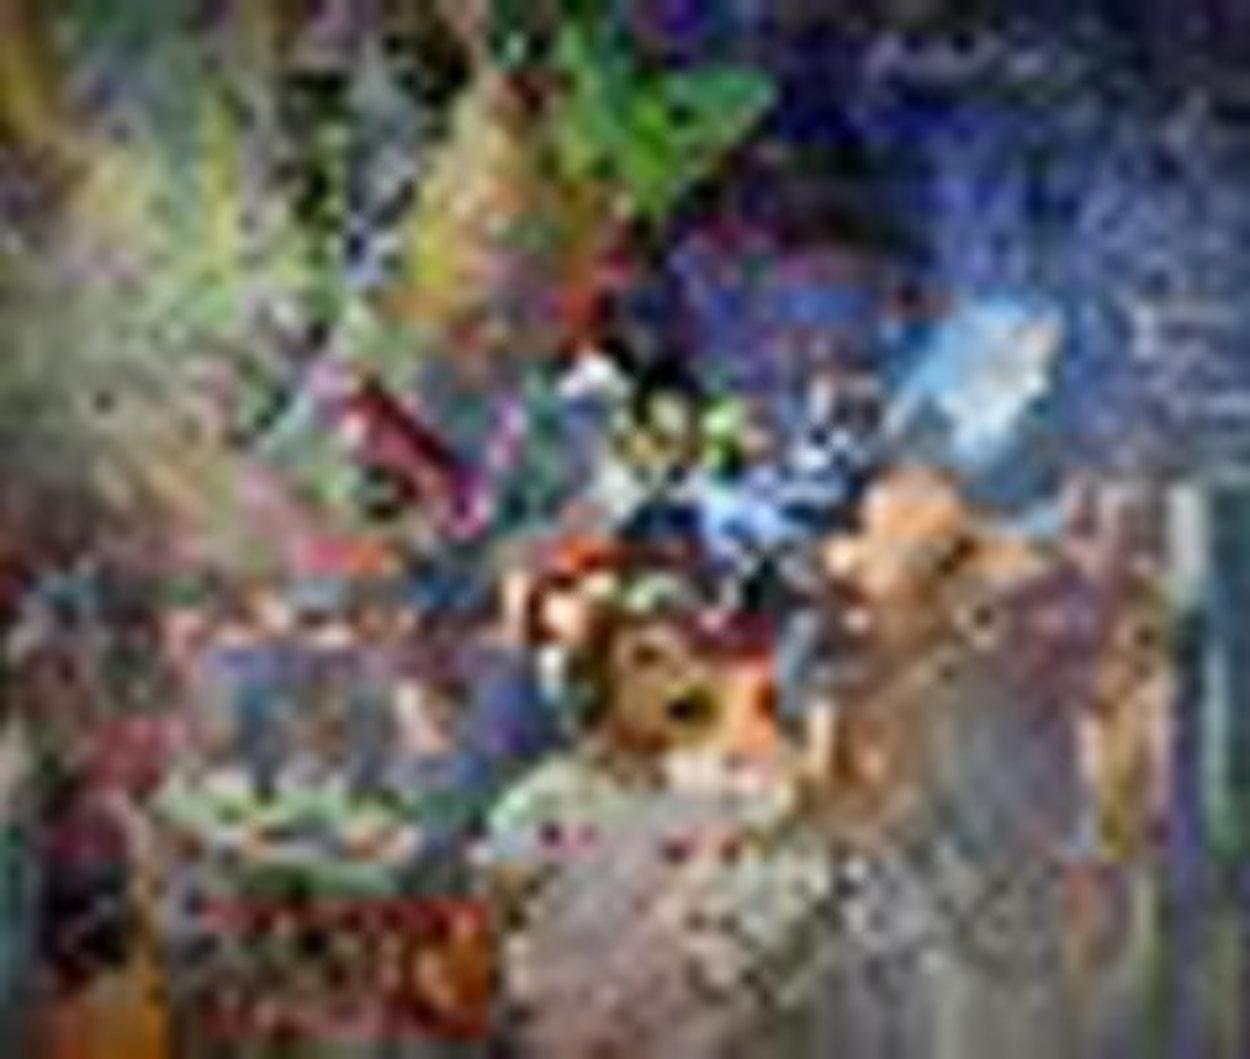 Jour Fe Fete 1977 72x52 Super Huge Original Painting by Daniel Authouart